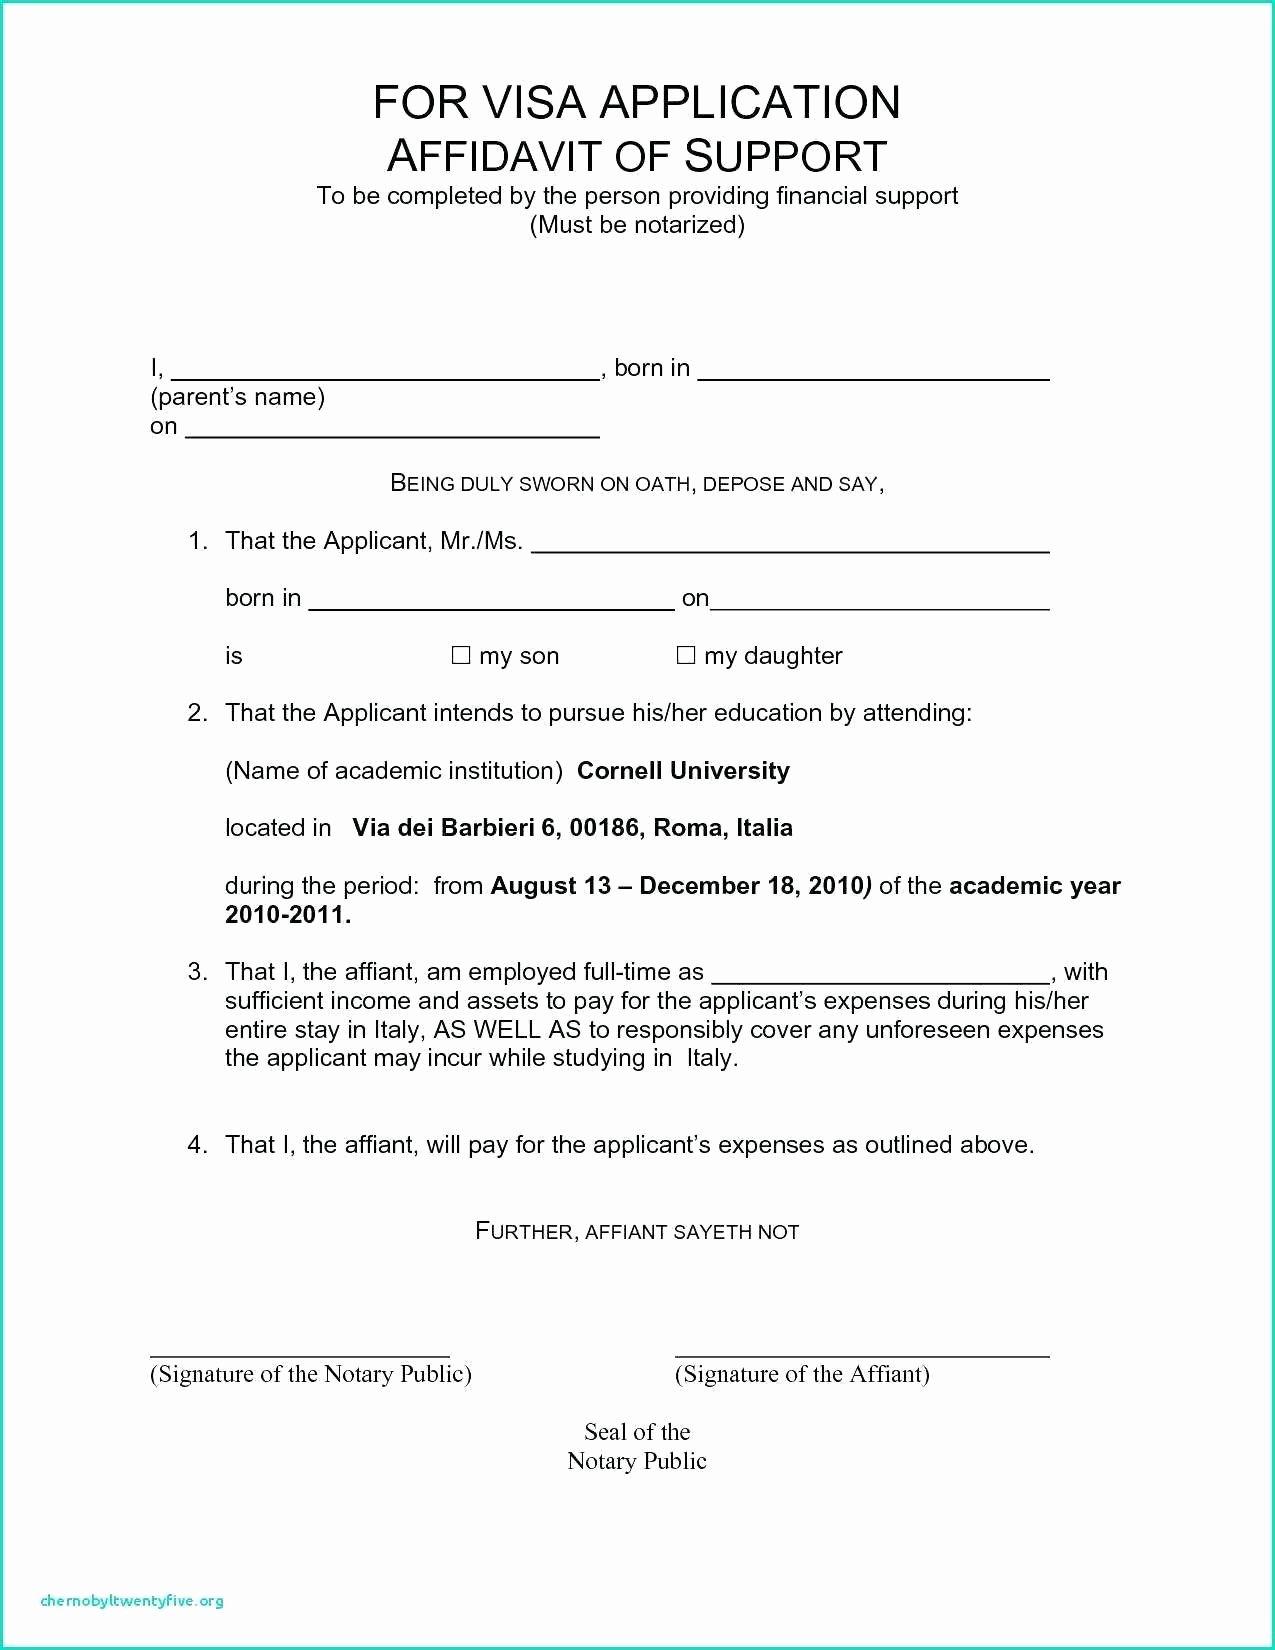 Affidavit Of Support Template Letter Lovely Example A Sworn Affidavit Counter Affidavit Sample